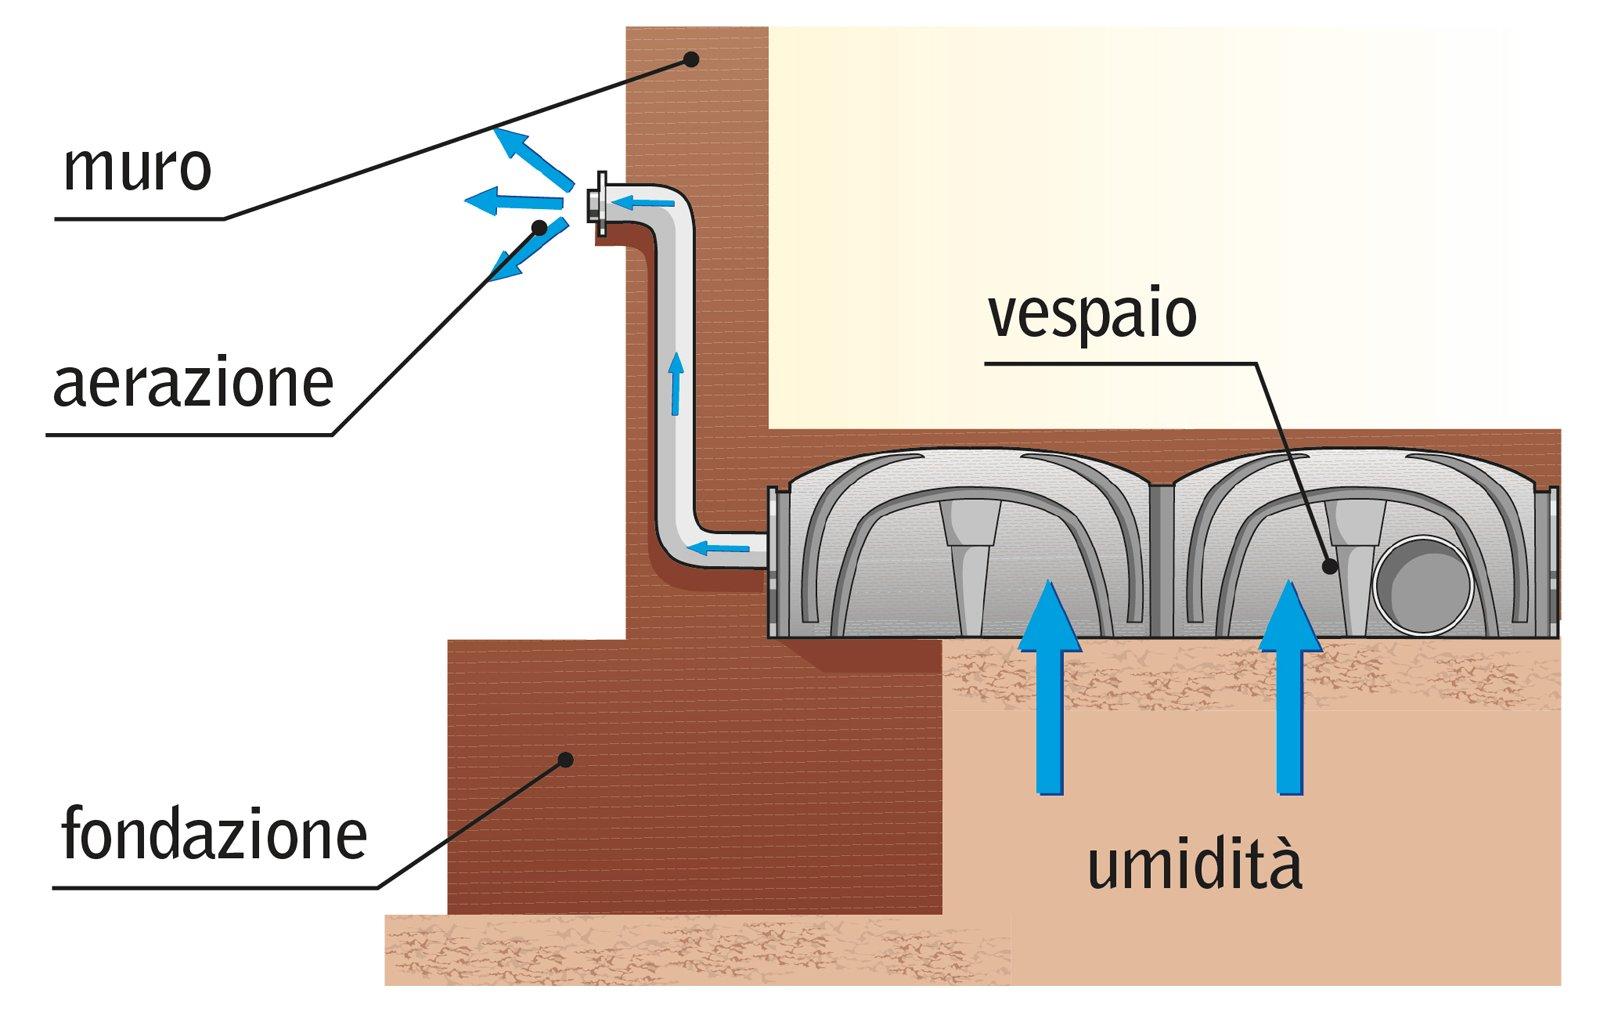 Casa immobiliare accessori come risolvere l umidita in casa - Come ridurre l umidita in casa ...